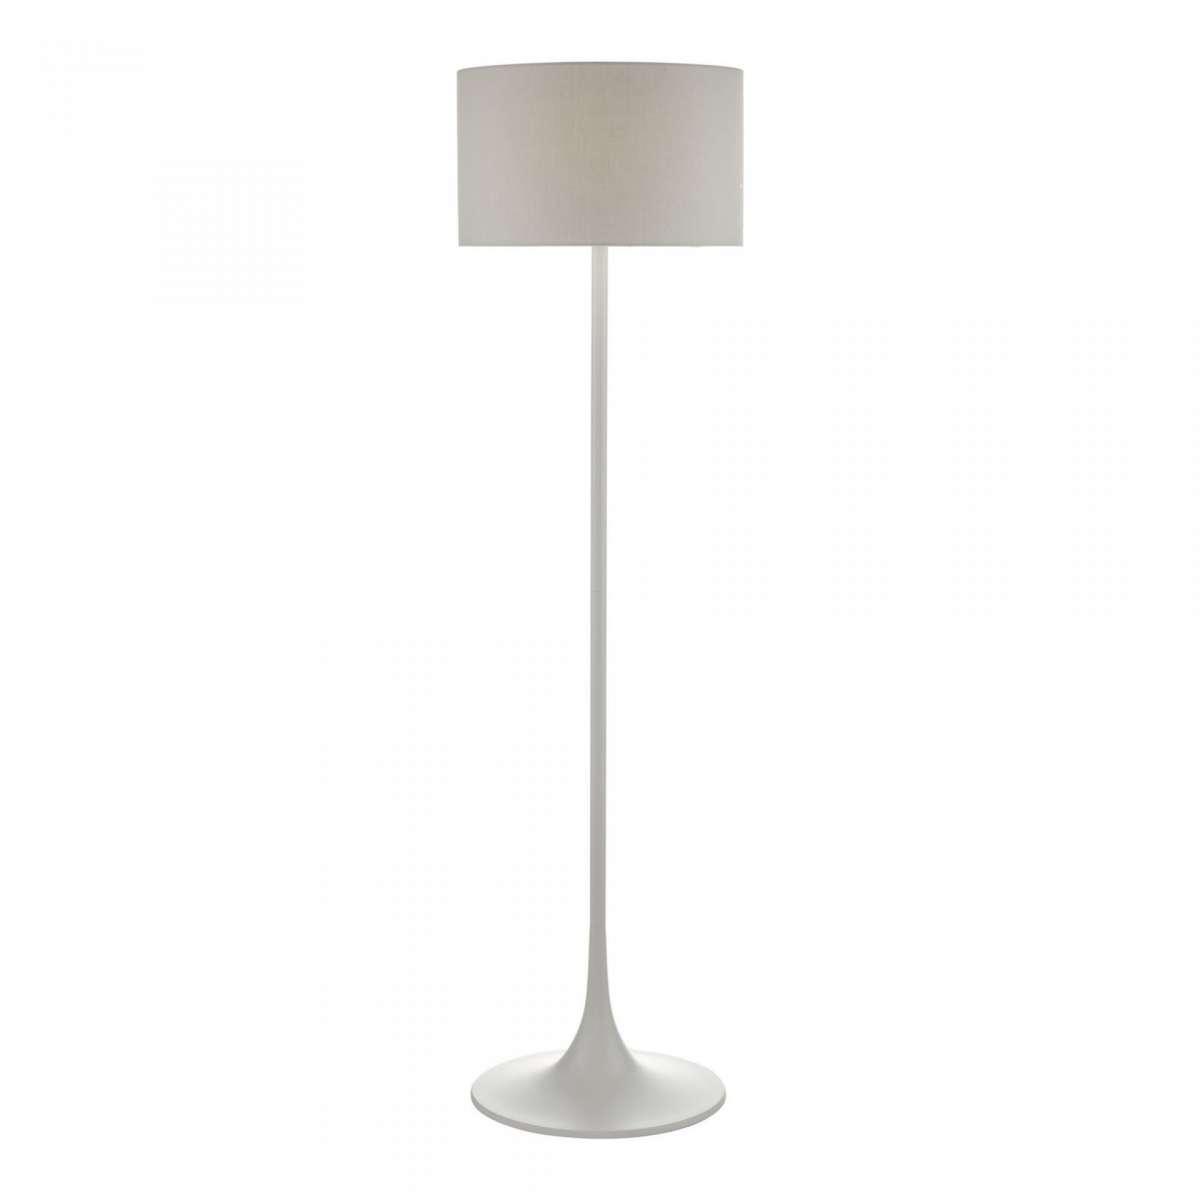 Funchal Floor Lamp Grey with Shade